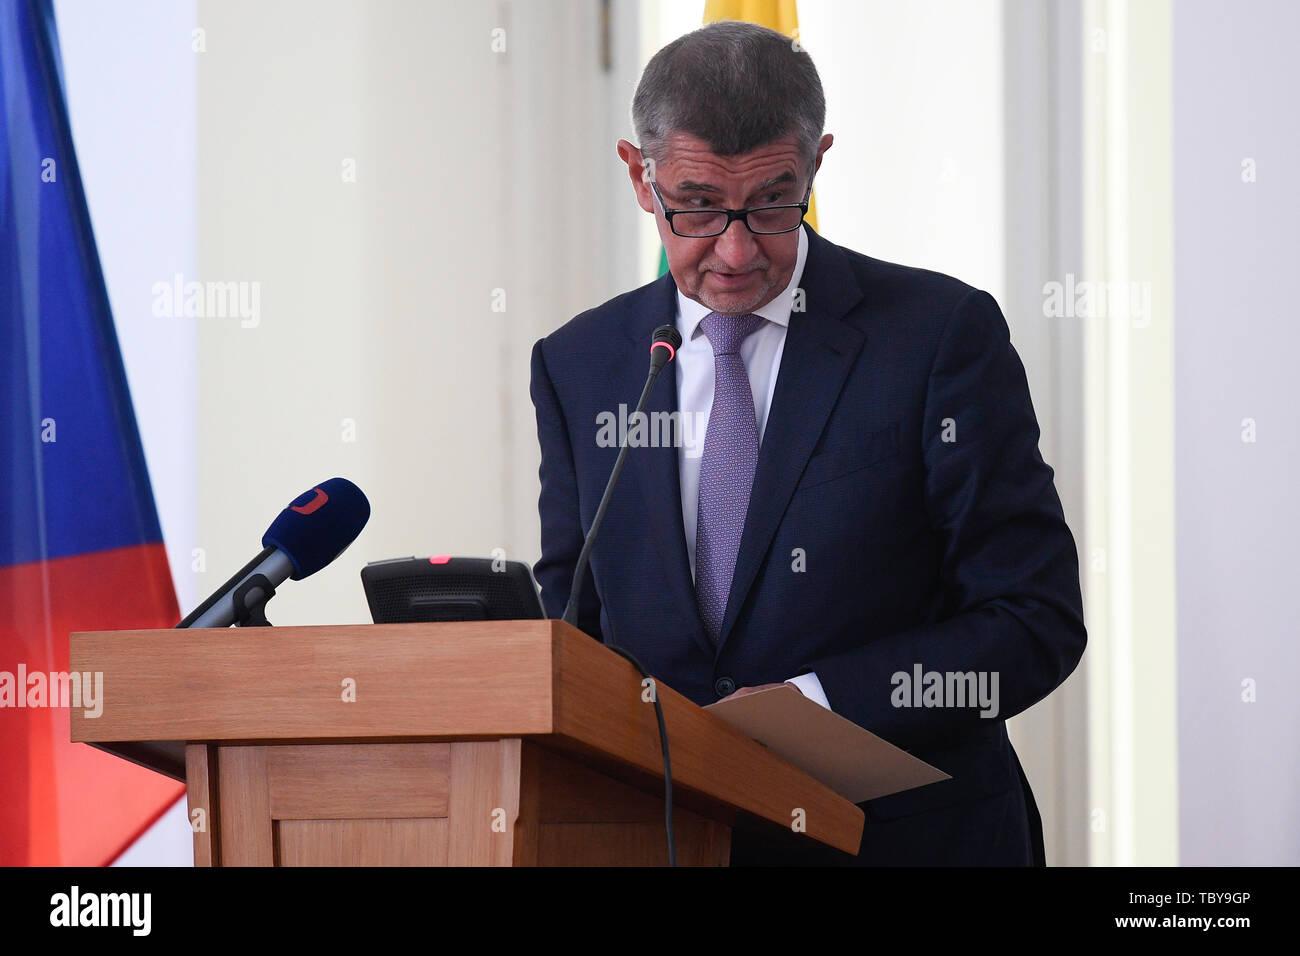 Prague, Czech Republic. 04th June, 2019. Czech Prime Minister Andrej Babis attends a Czech-Burmese Business Forum on June 4, 2019, in Prague, Czech Republic. Credit: Ondrej Deml/CTK Photo/Alamy Live News Stock Photo